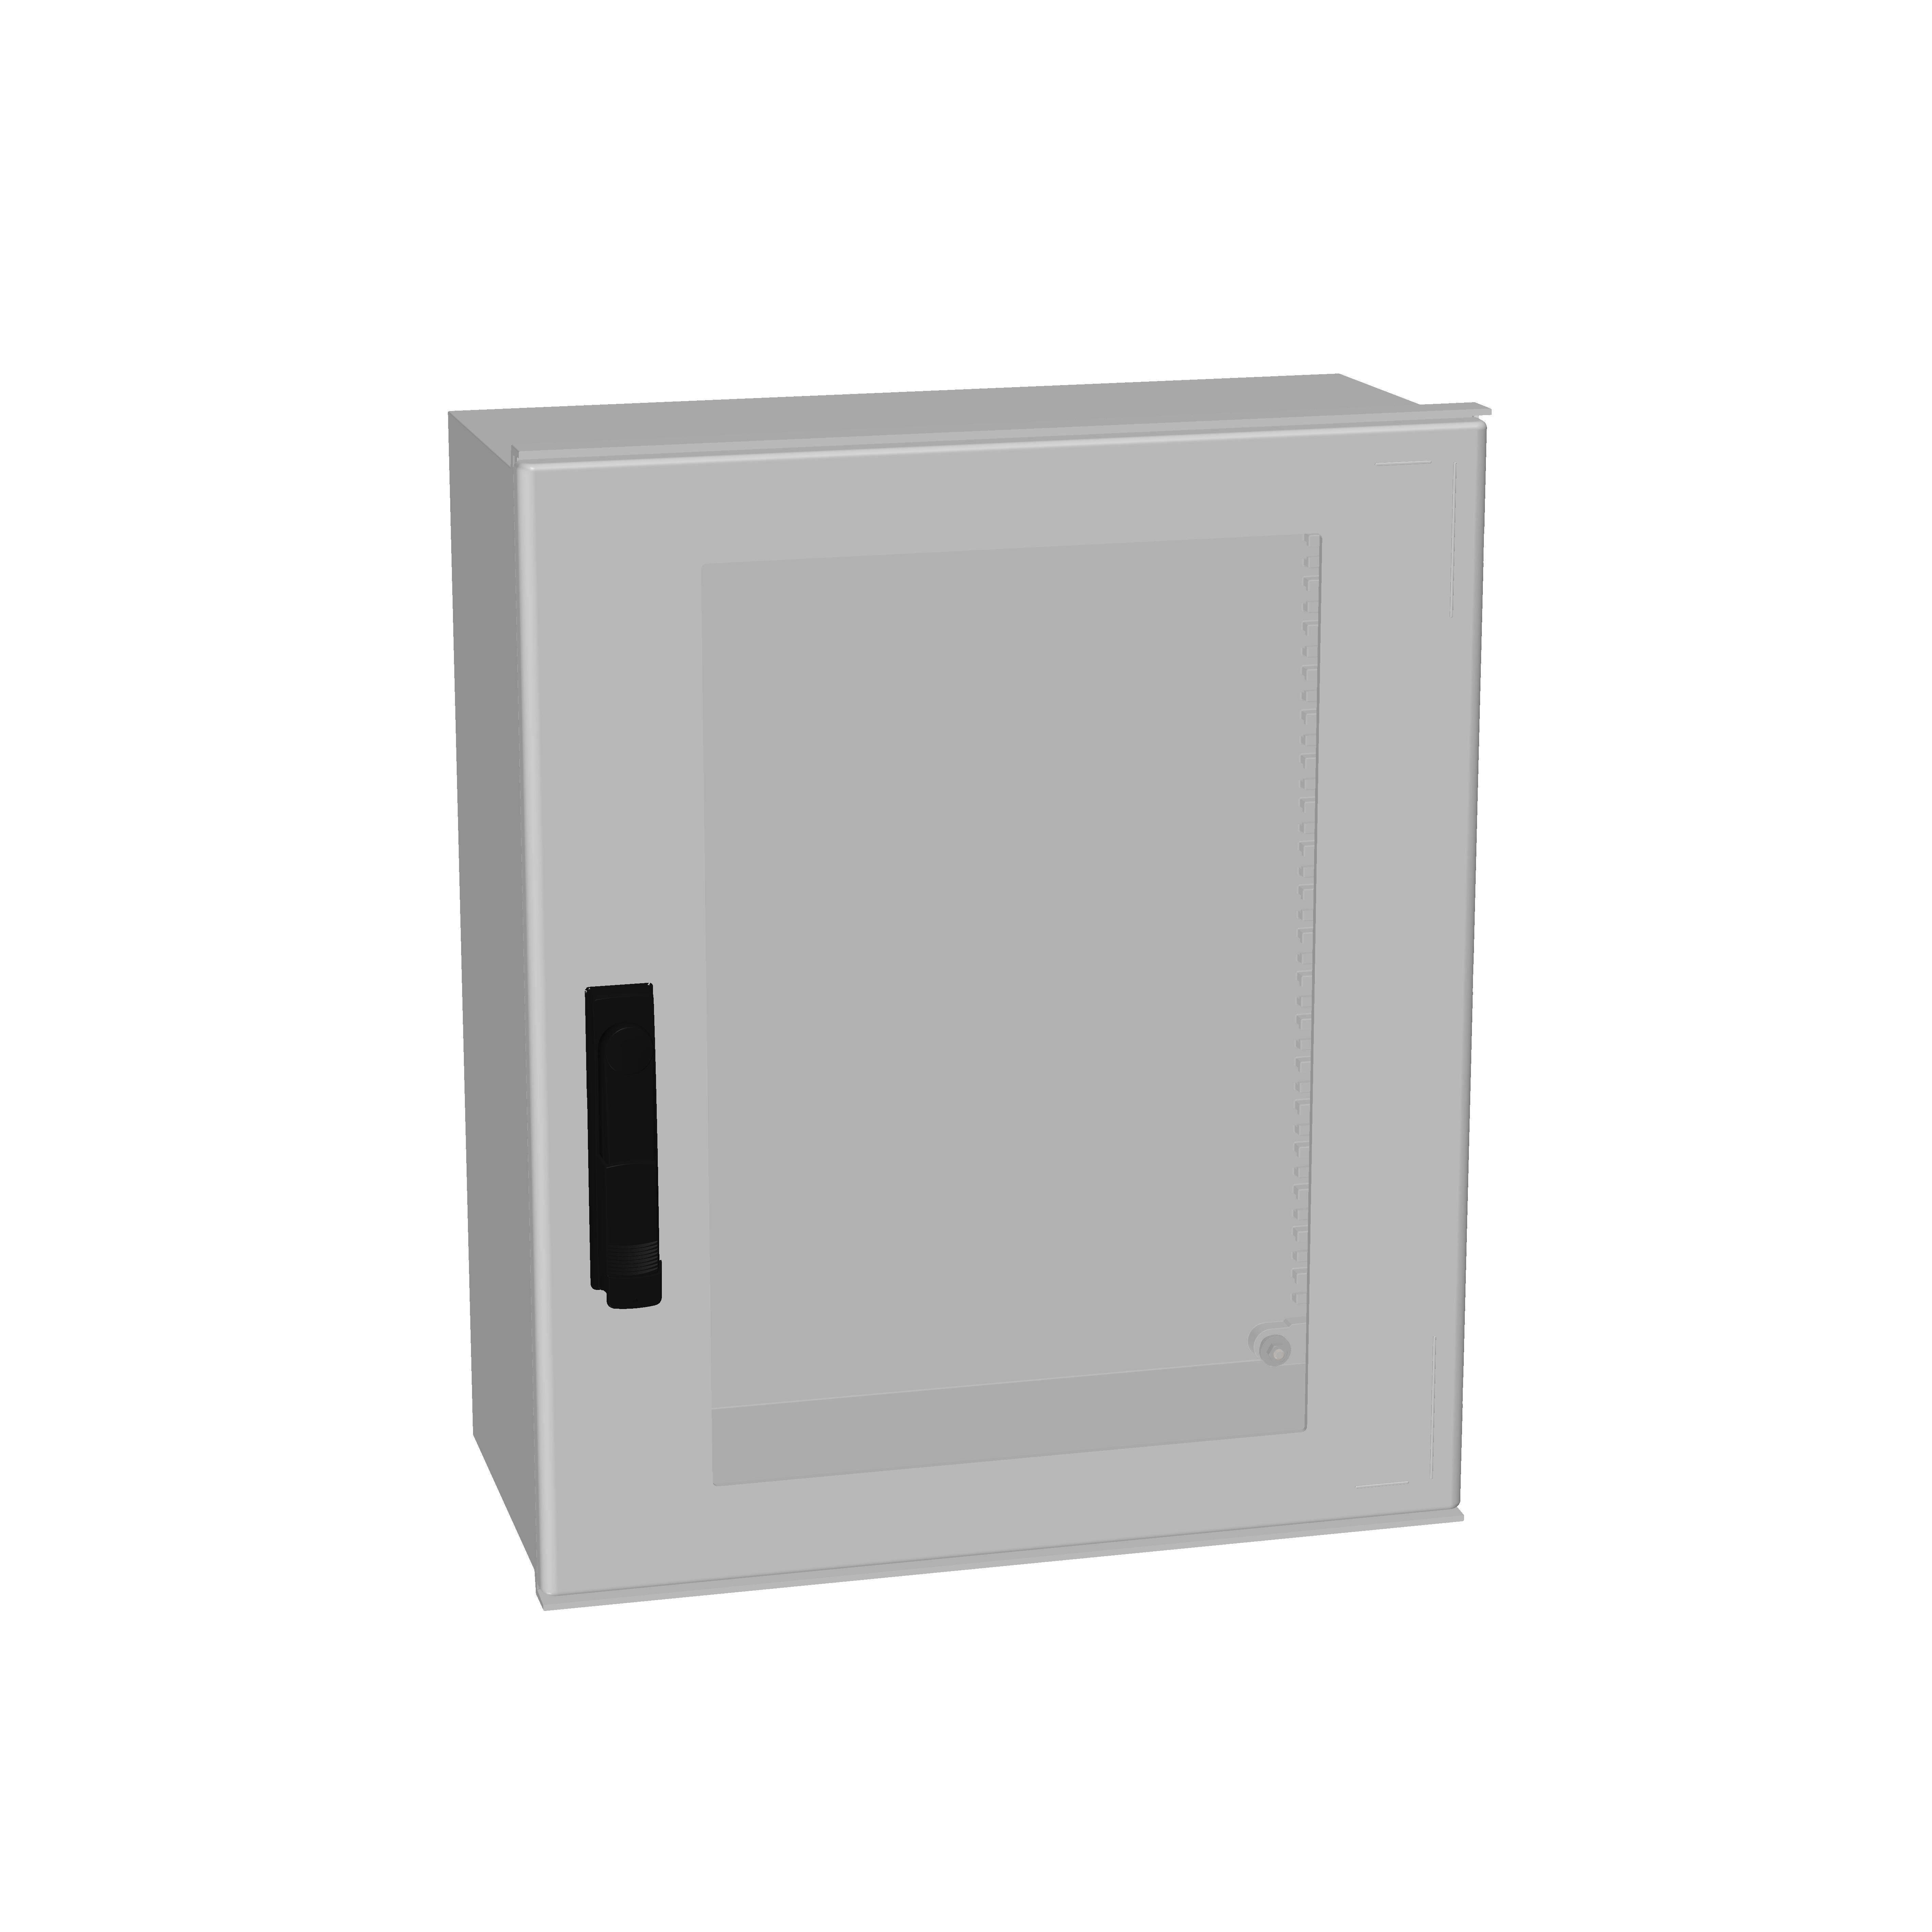 1 Stk Minipol-Wandschrank 3-Punkt Stangenverschl.+SF 600x500x230mm IM088965--